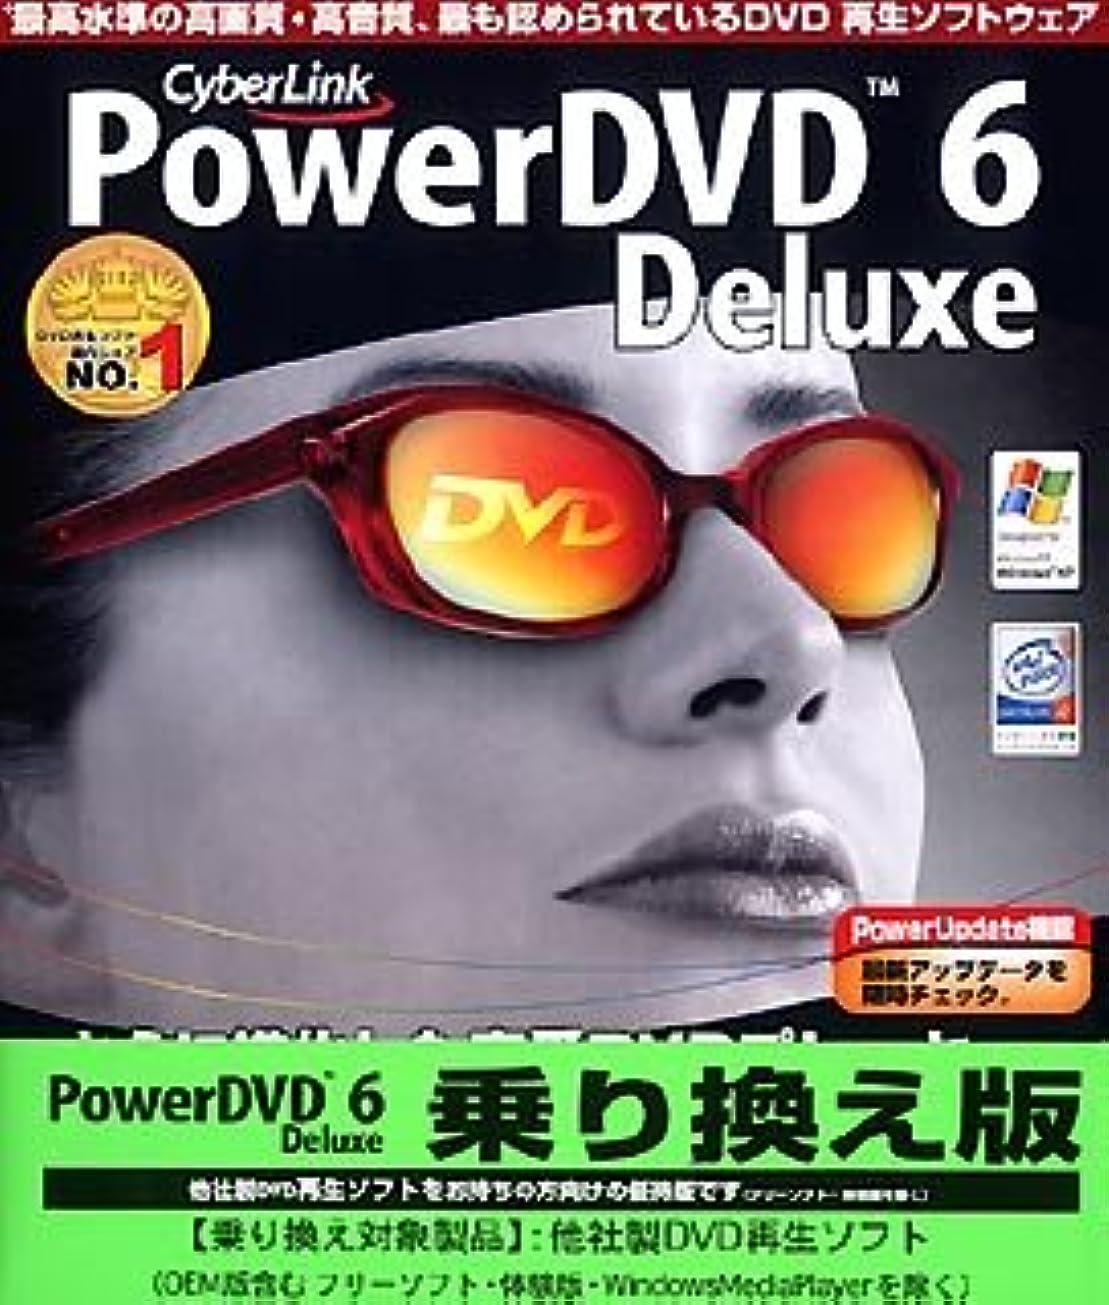 依存上記の頭と肩テープPOWER DVD 6 Deluxe 乗り換え版